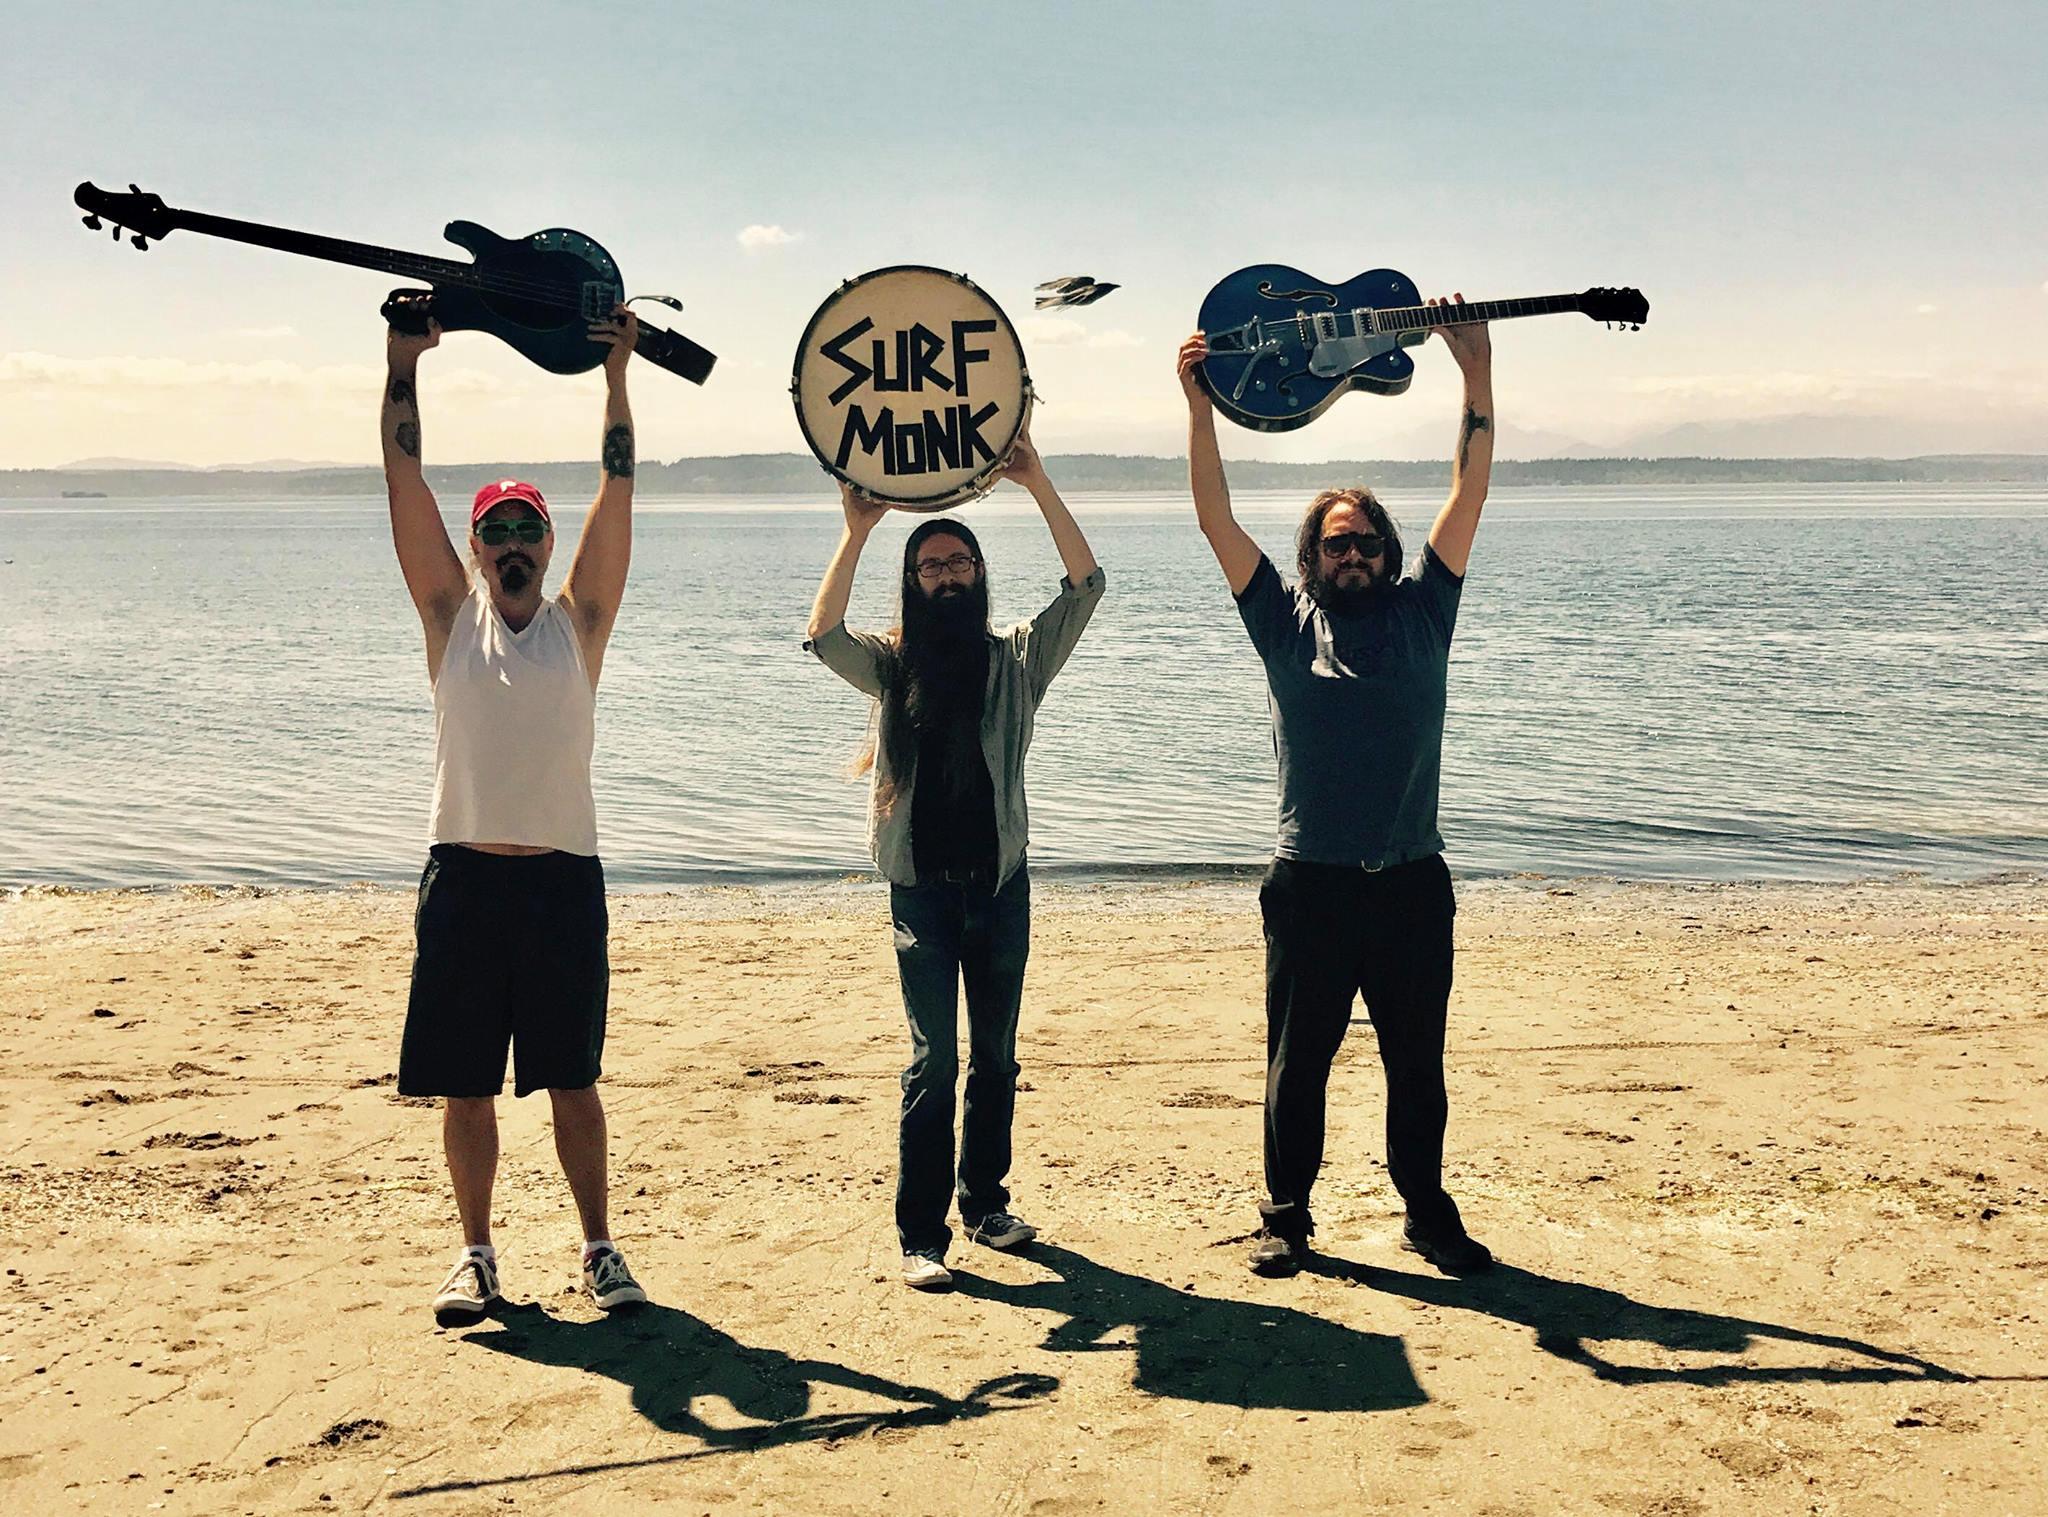 surf monk.jpg